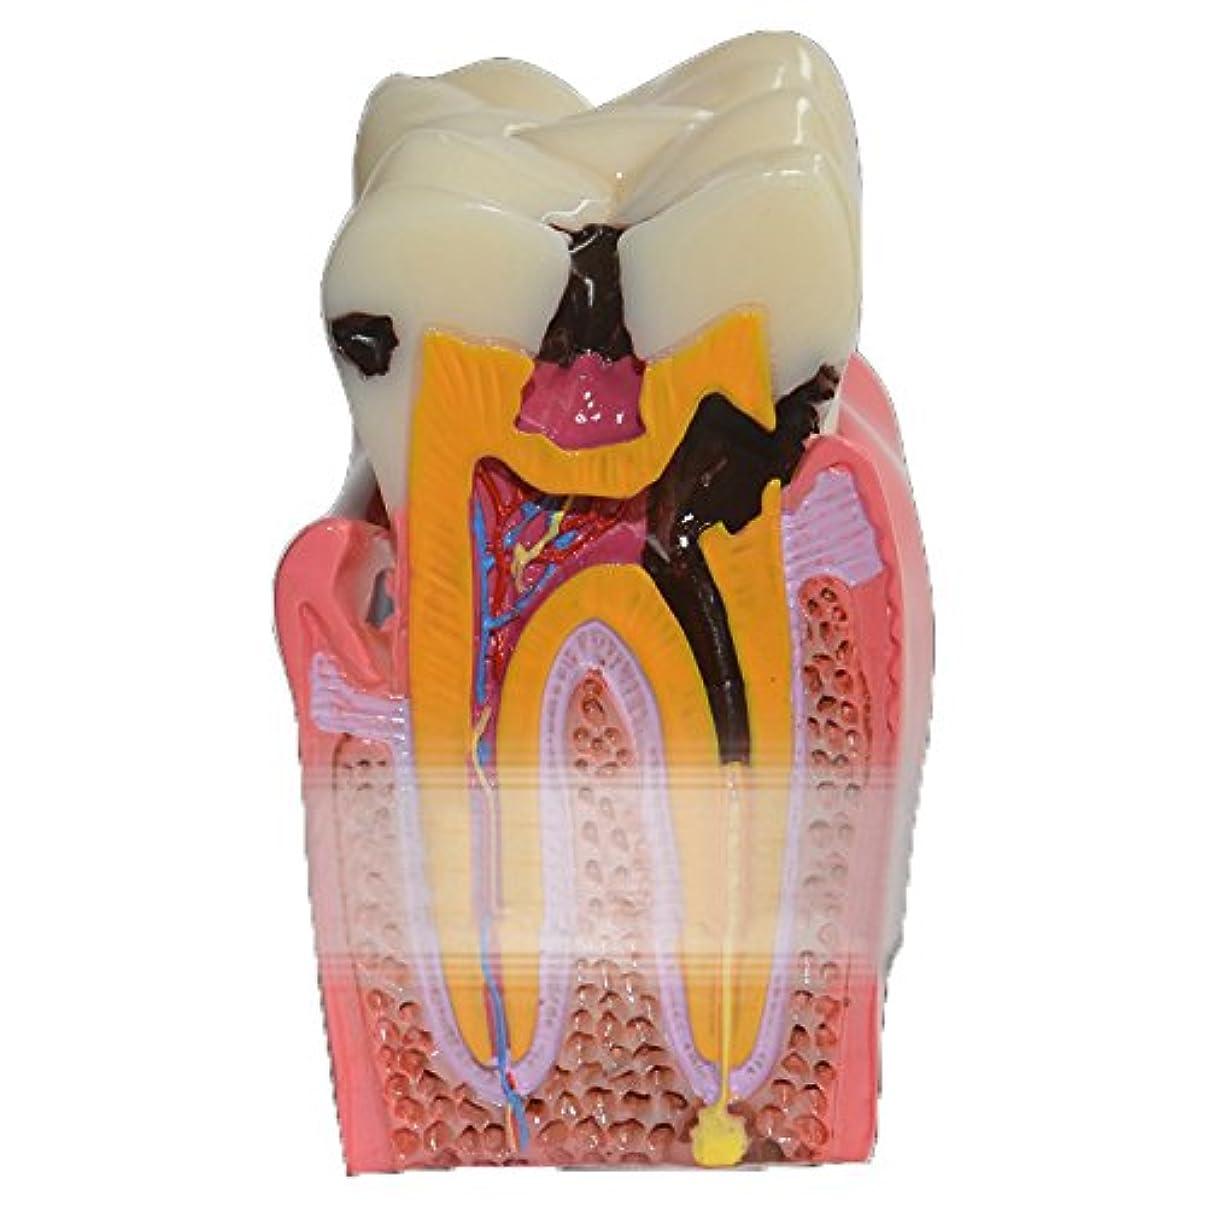 圧縮された汚れる哲学者GoDen大人と小児歯模型 解剖学的歯模型 教学用模型